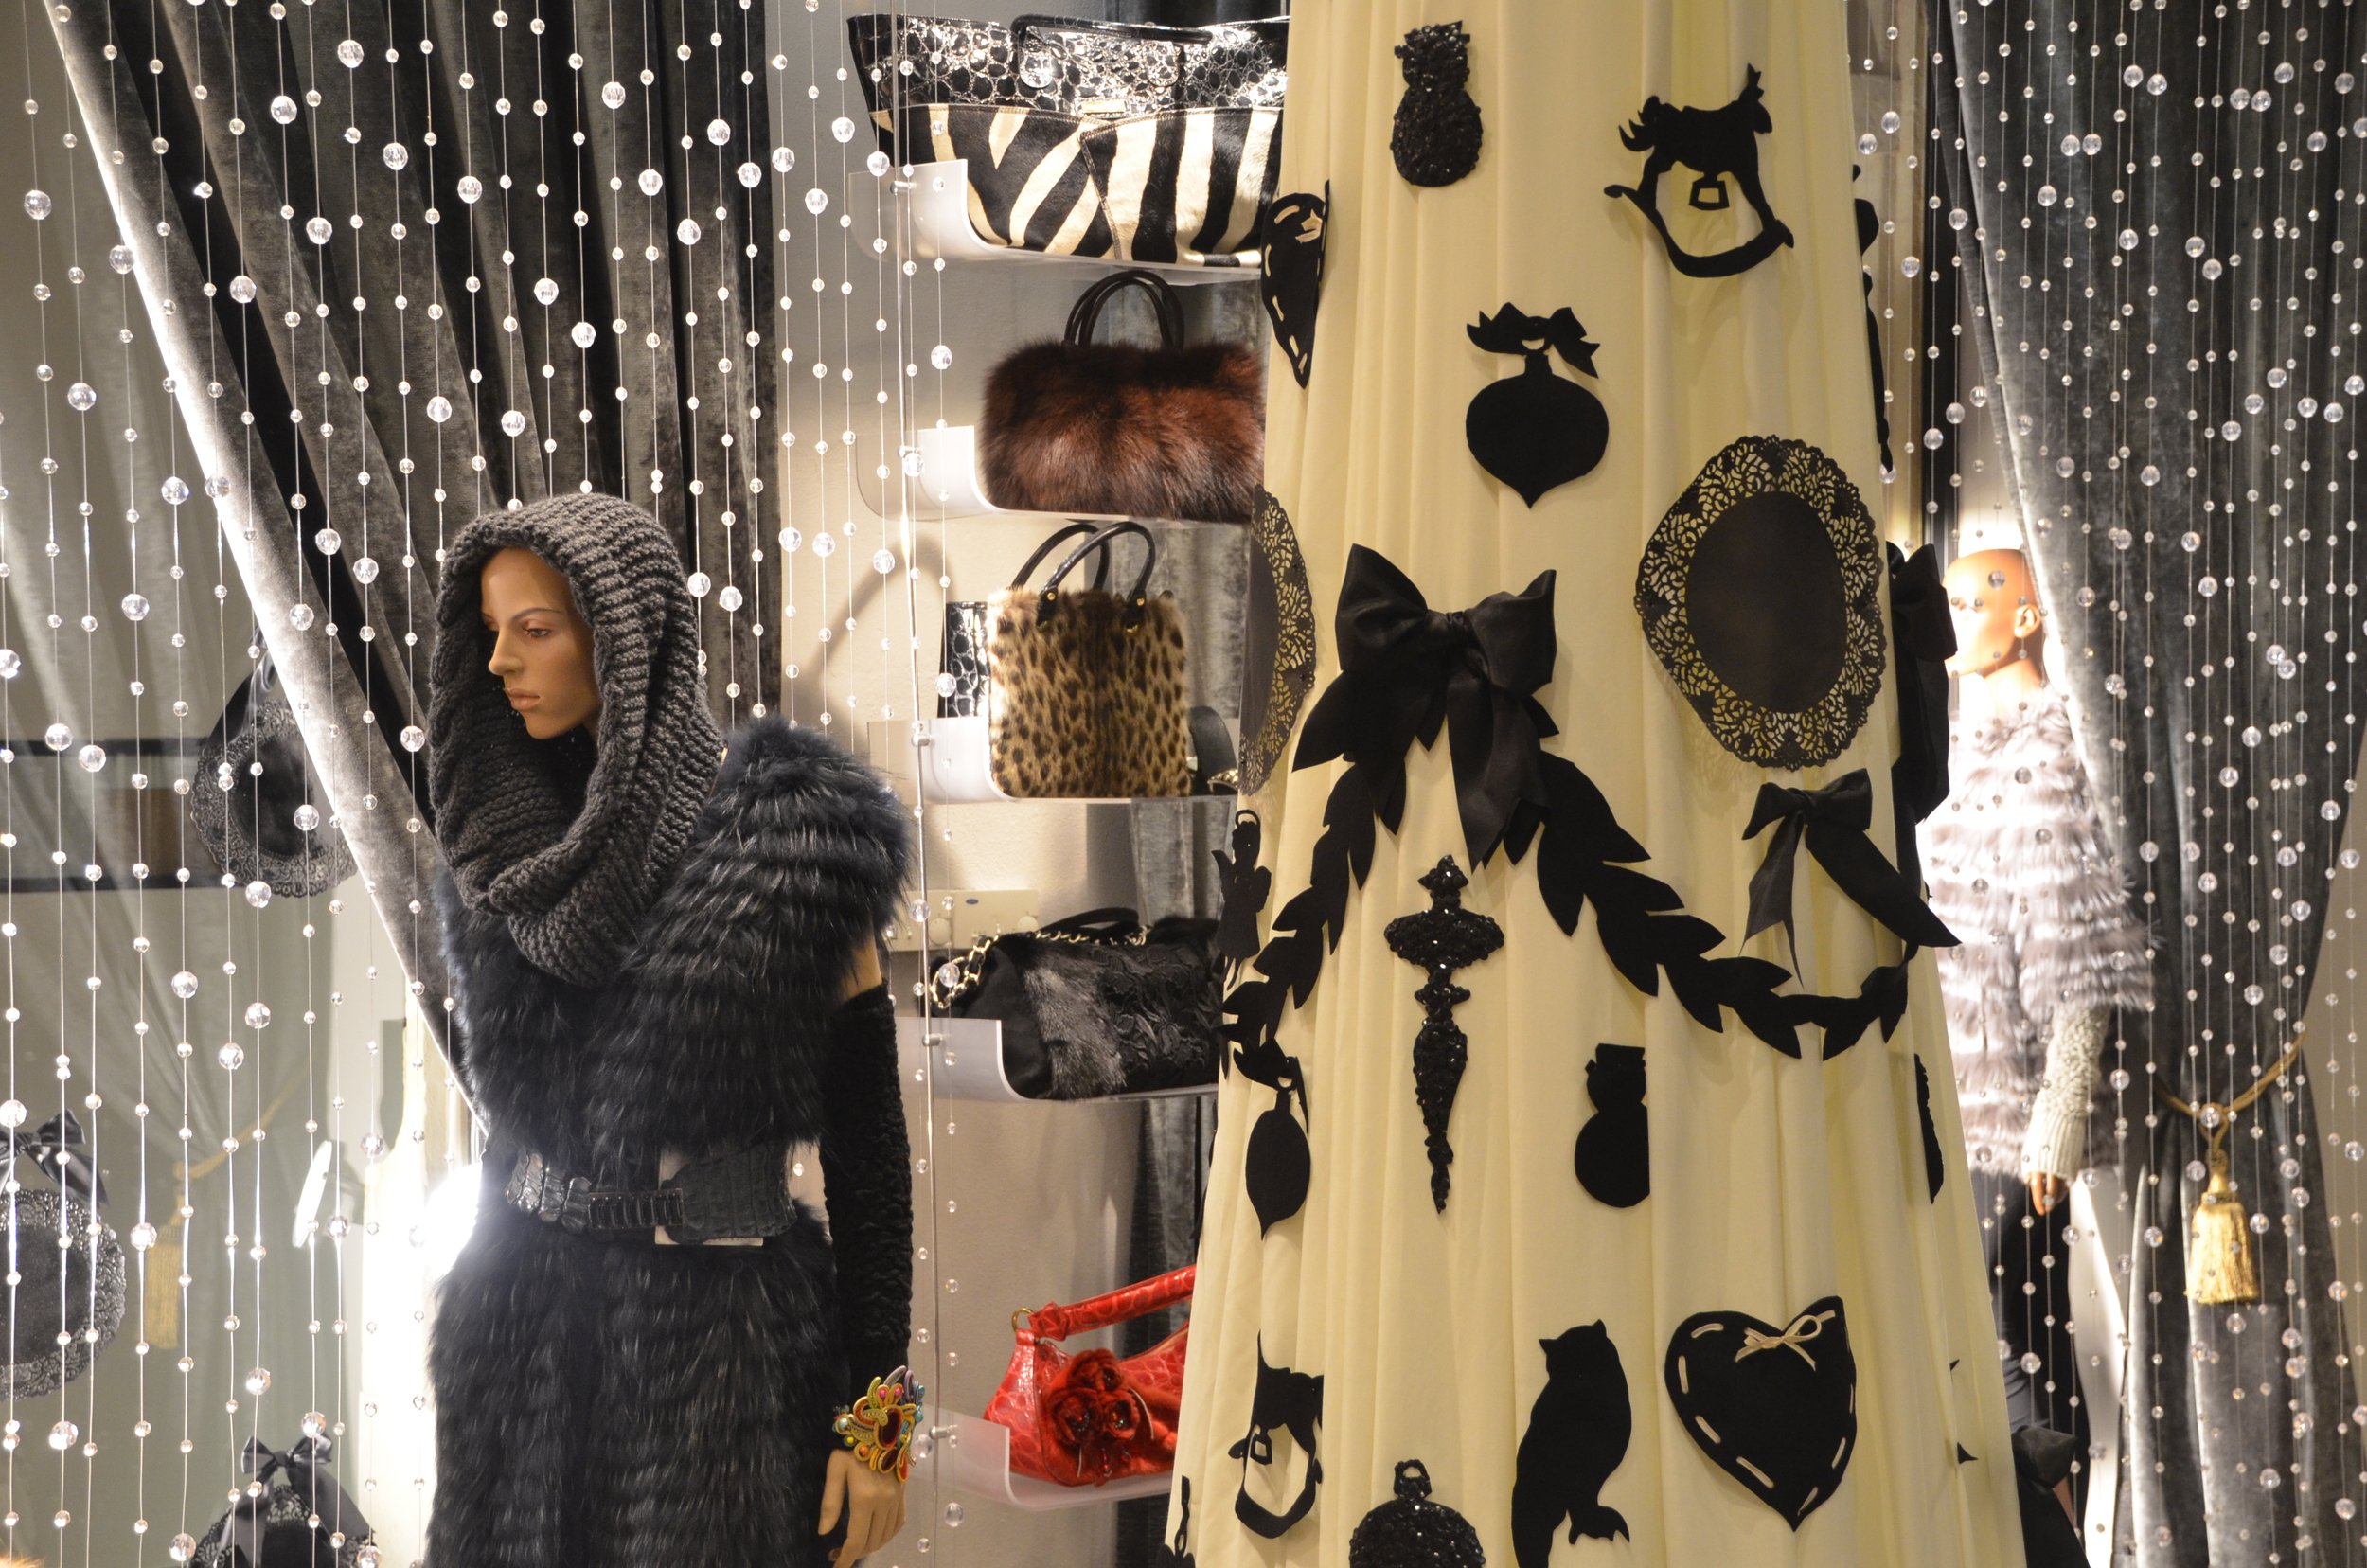 zaprojektowane_dekoracje_choinka_swieta_w_sklepie.JPG